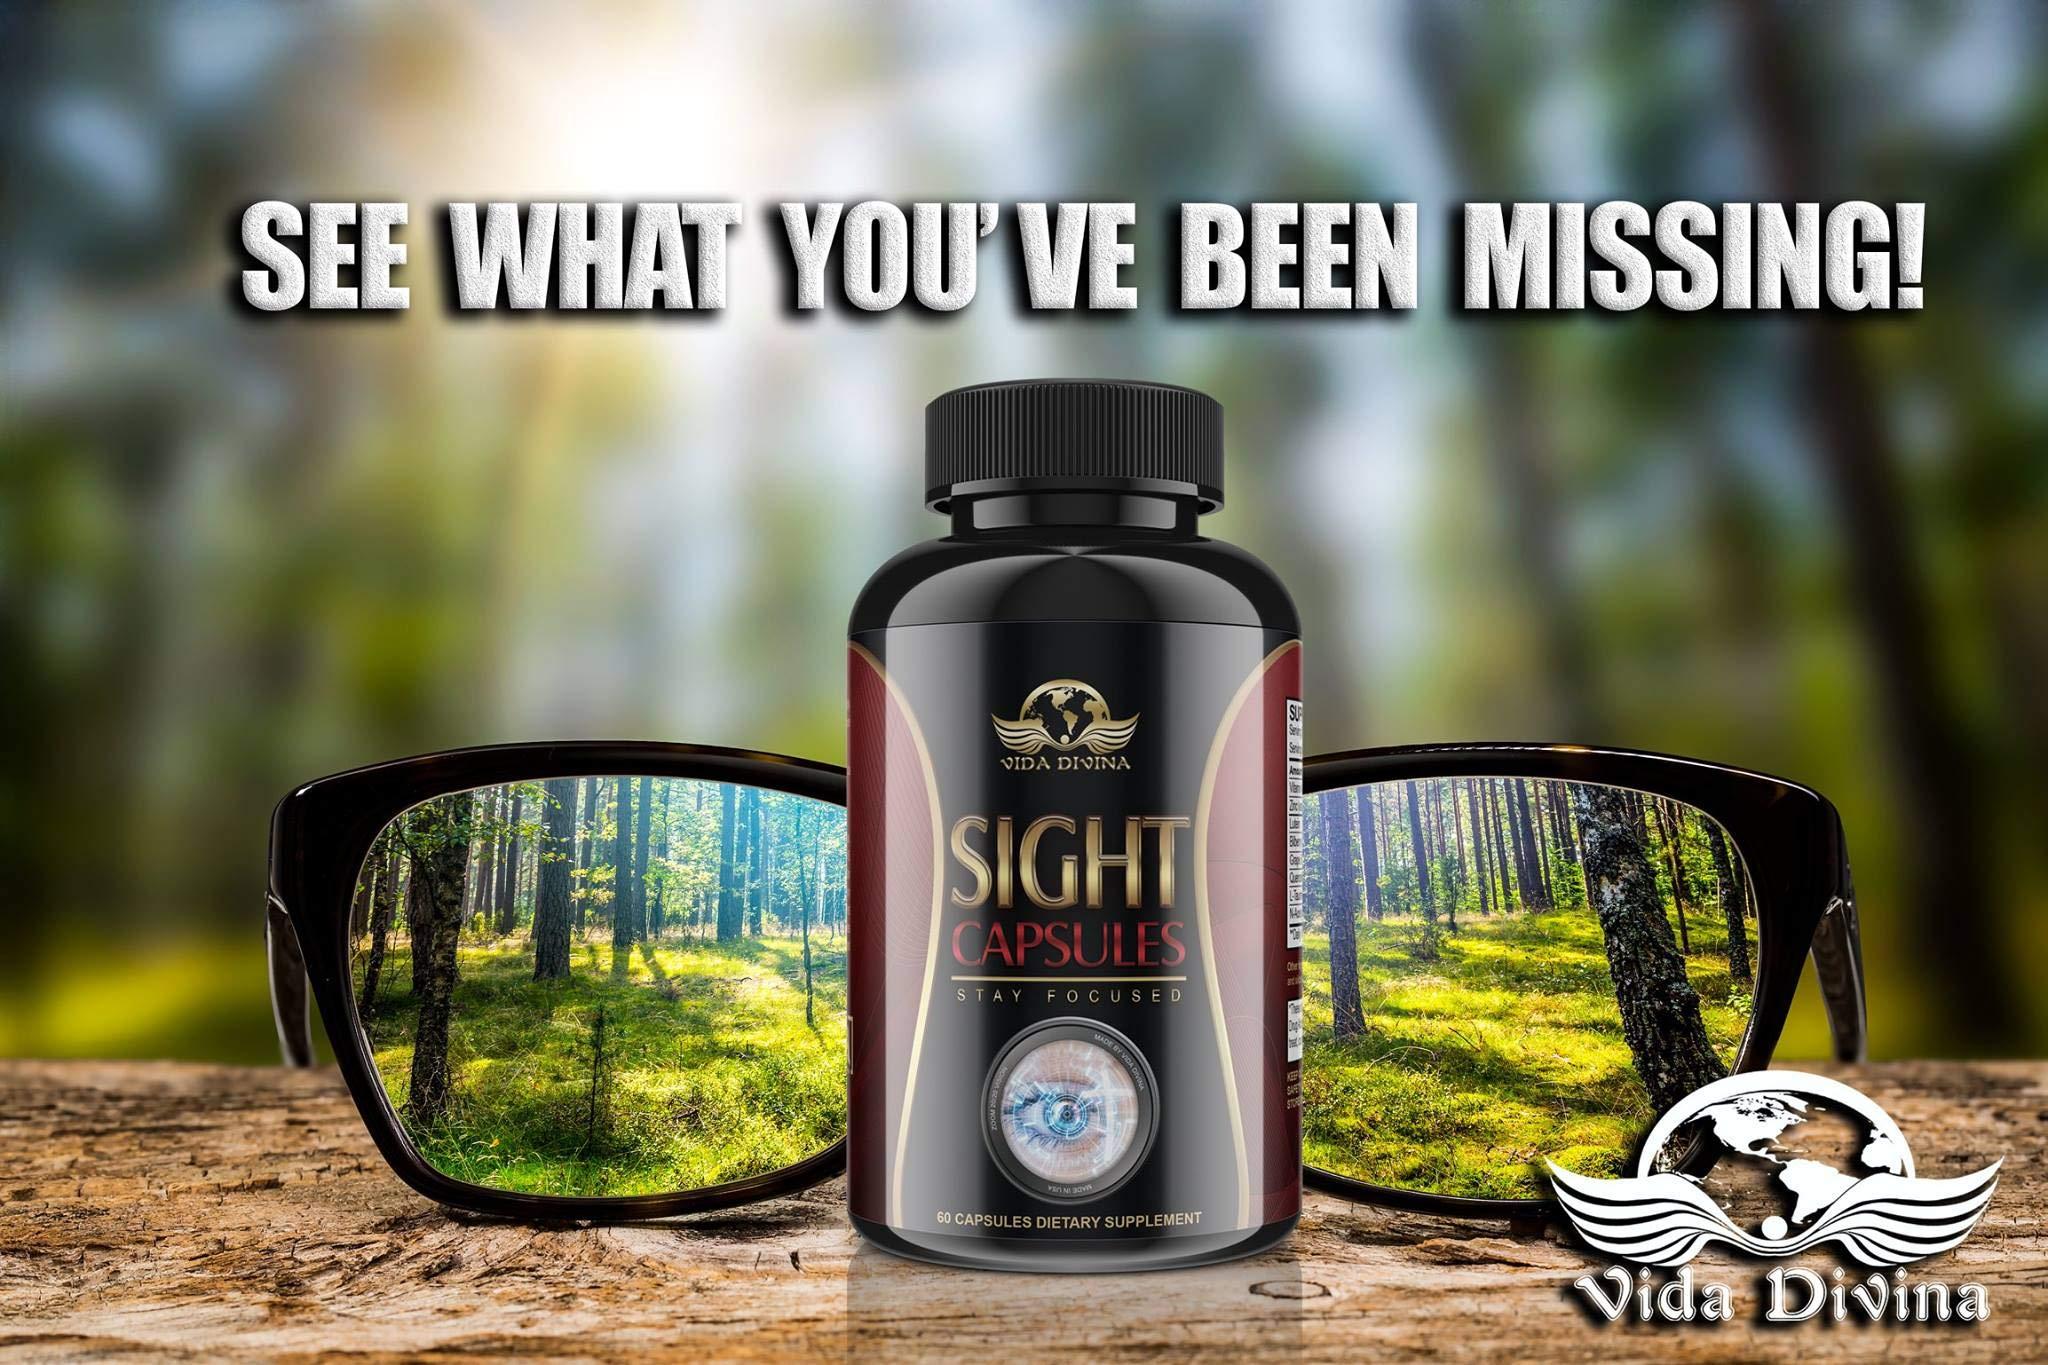 Sight Capsules